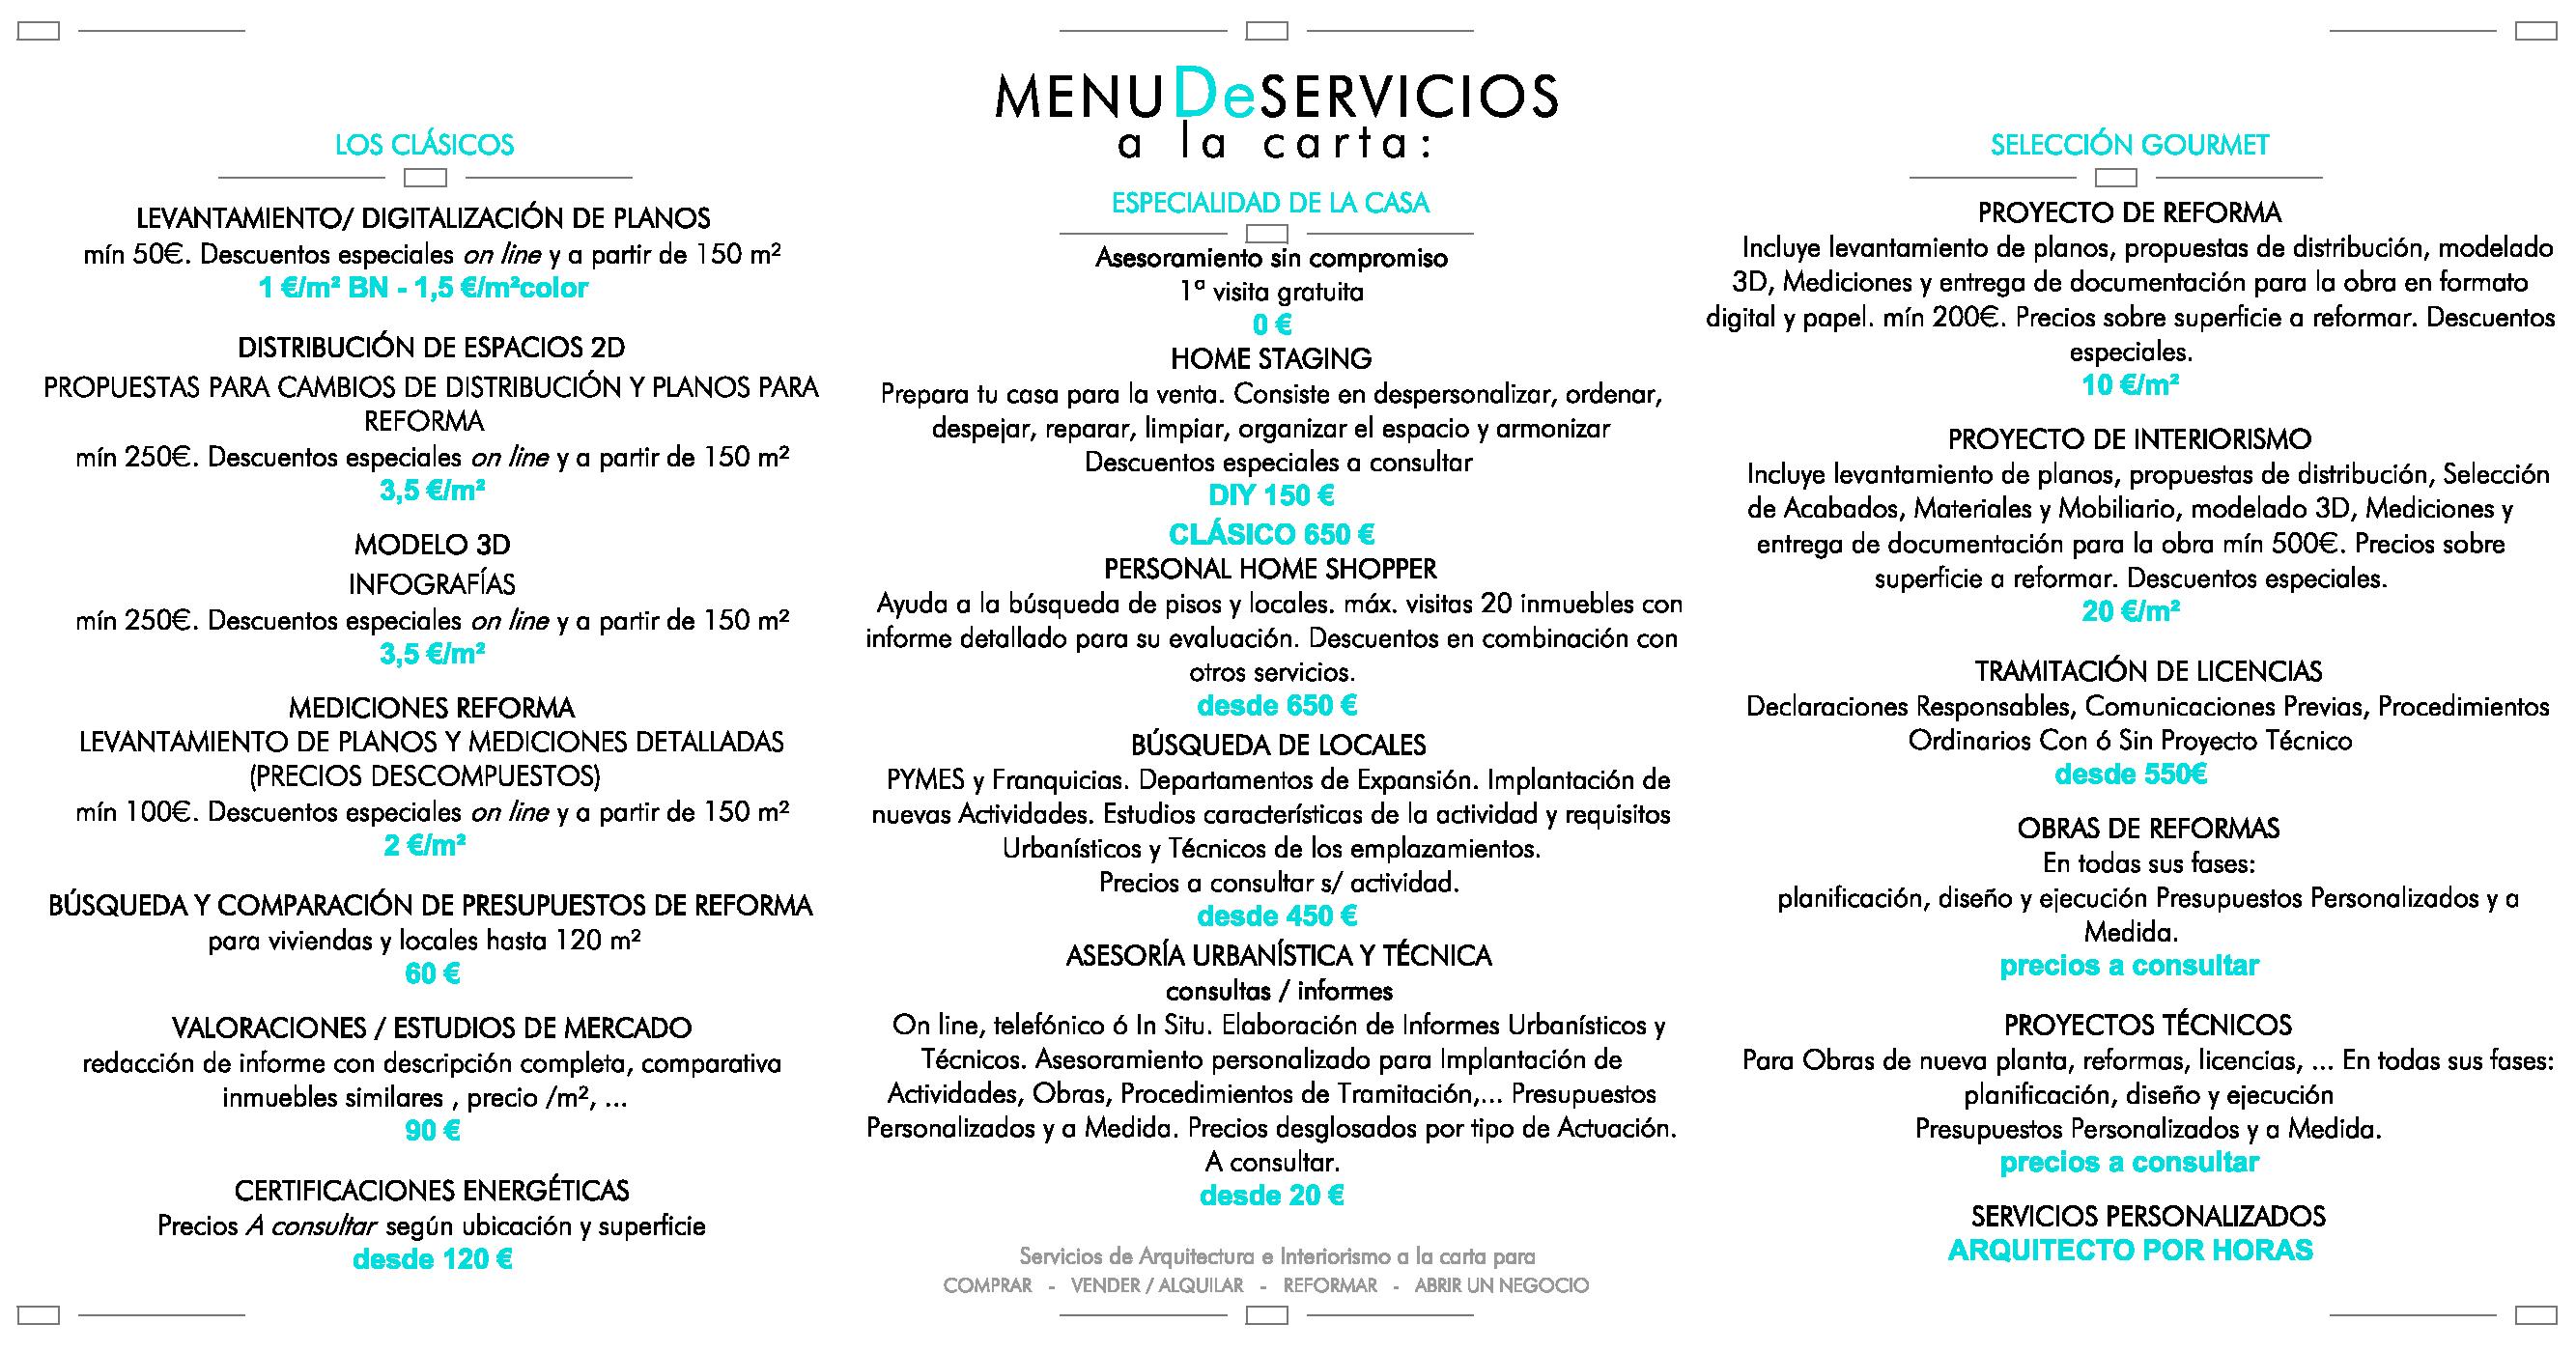 PRECIOS ARQUITECTO-PROYECTOS-REFORMAS-LICENCIAS